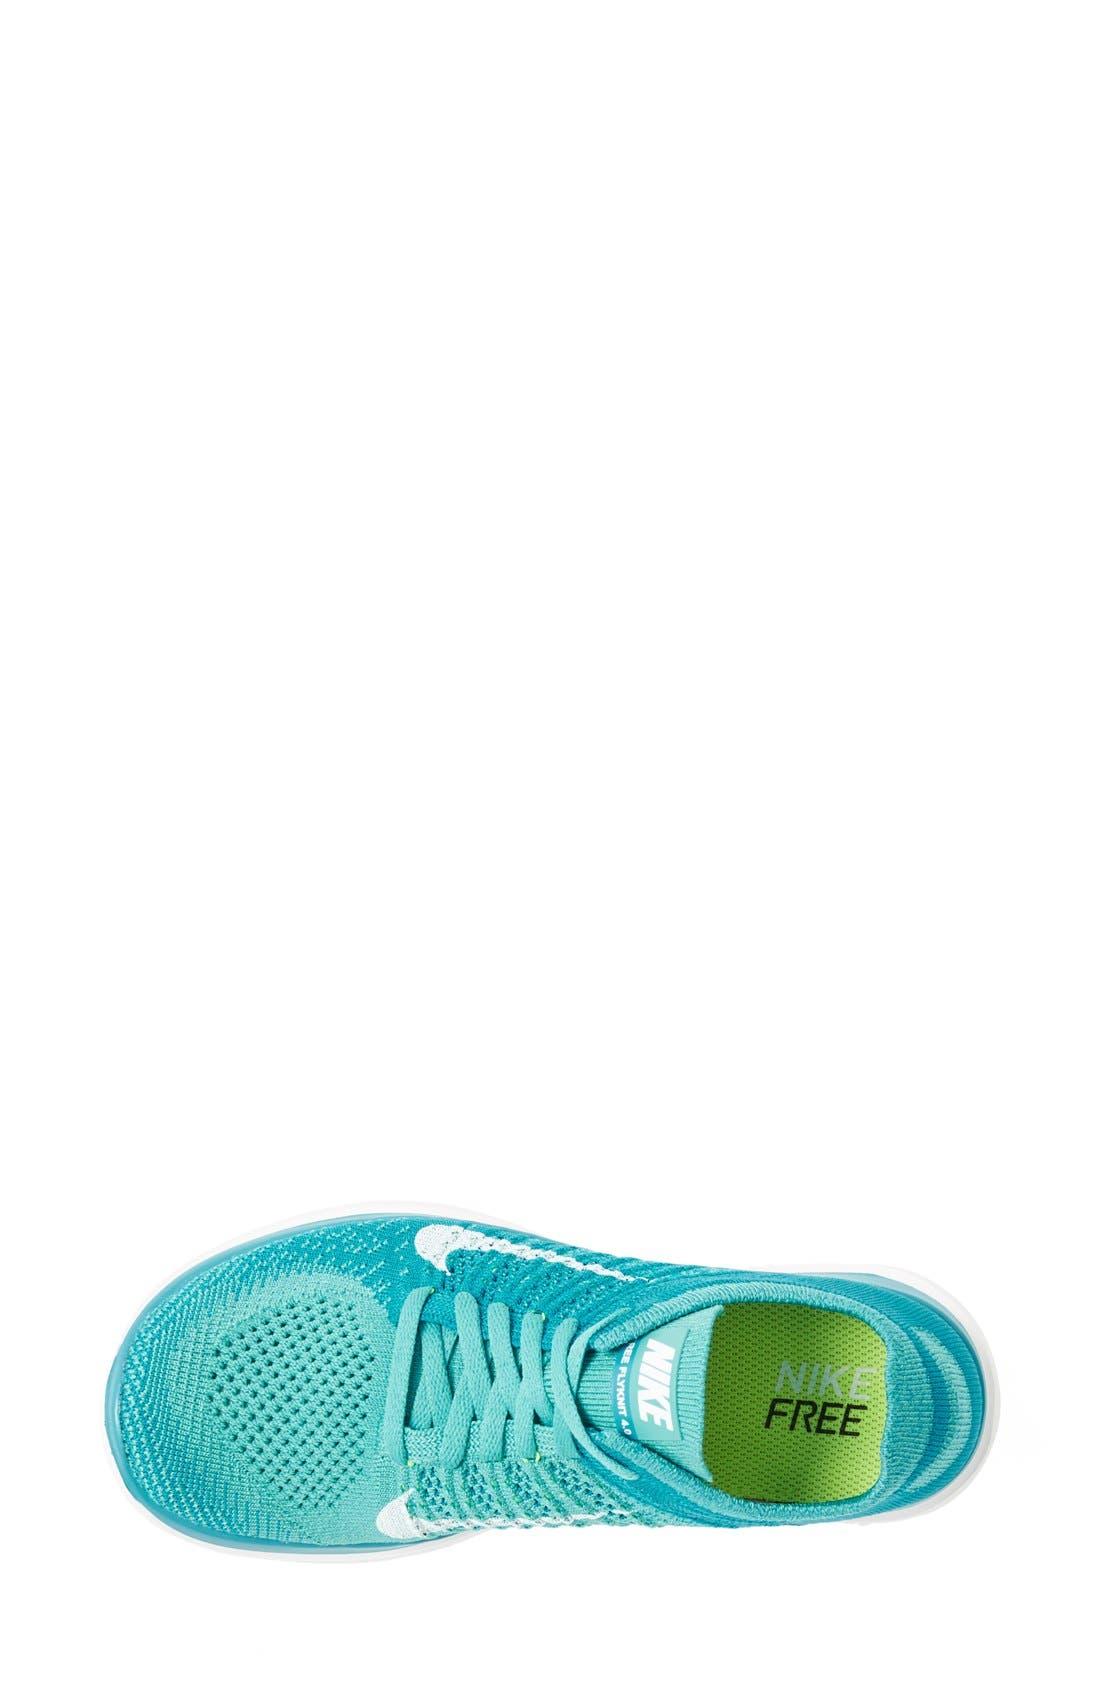 Alternate Image 3  - Nike 'Free 4.0 Flyknit' Running Shoe (Women) (Regular Retail Price: $120.00)